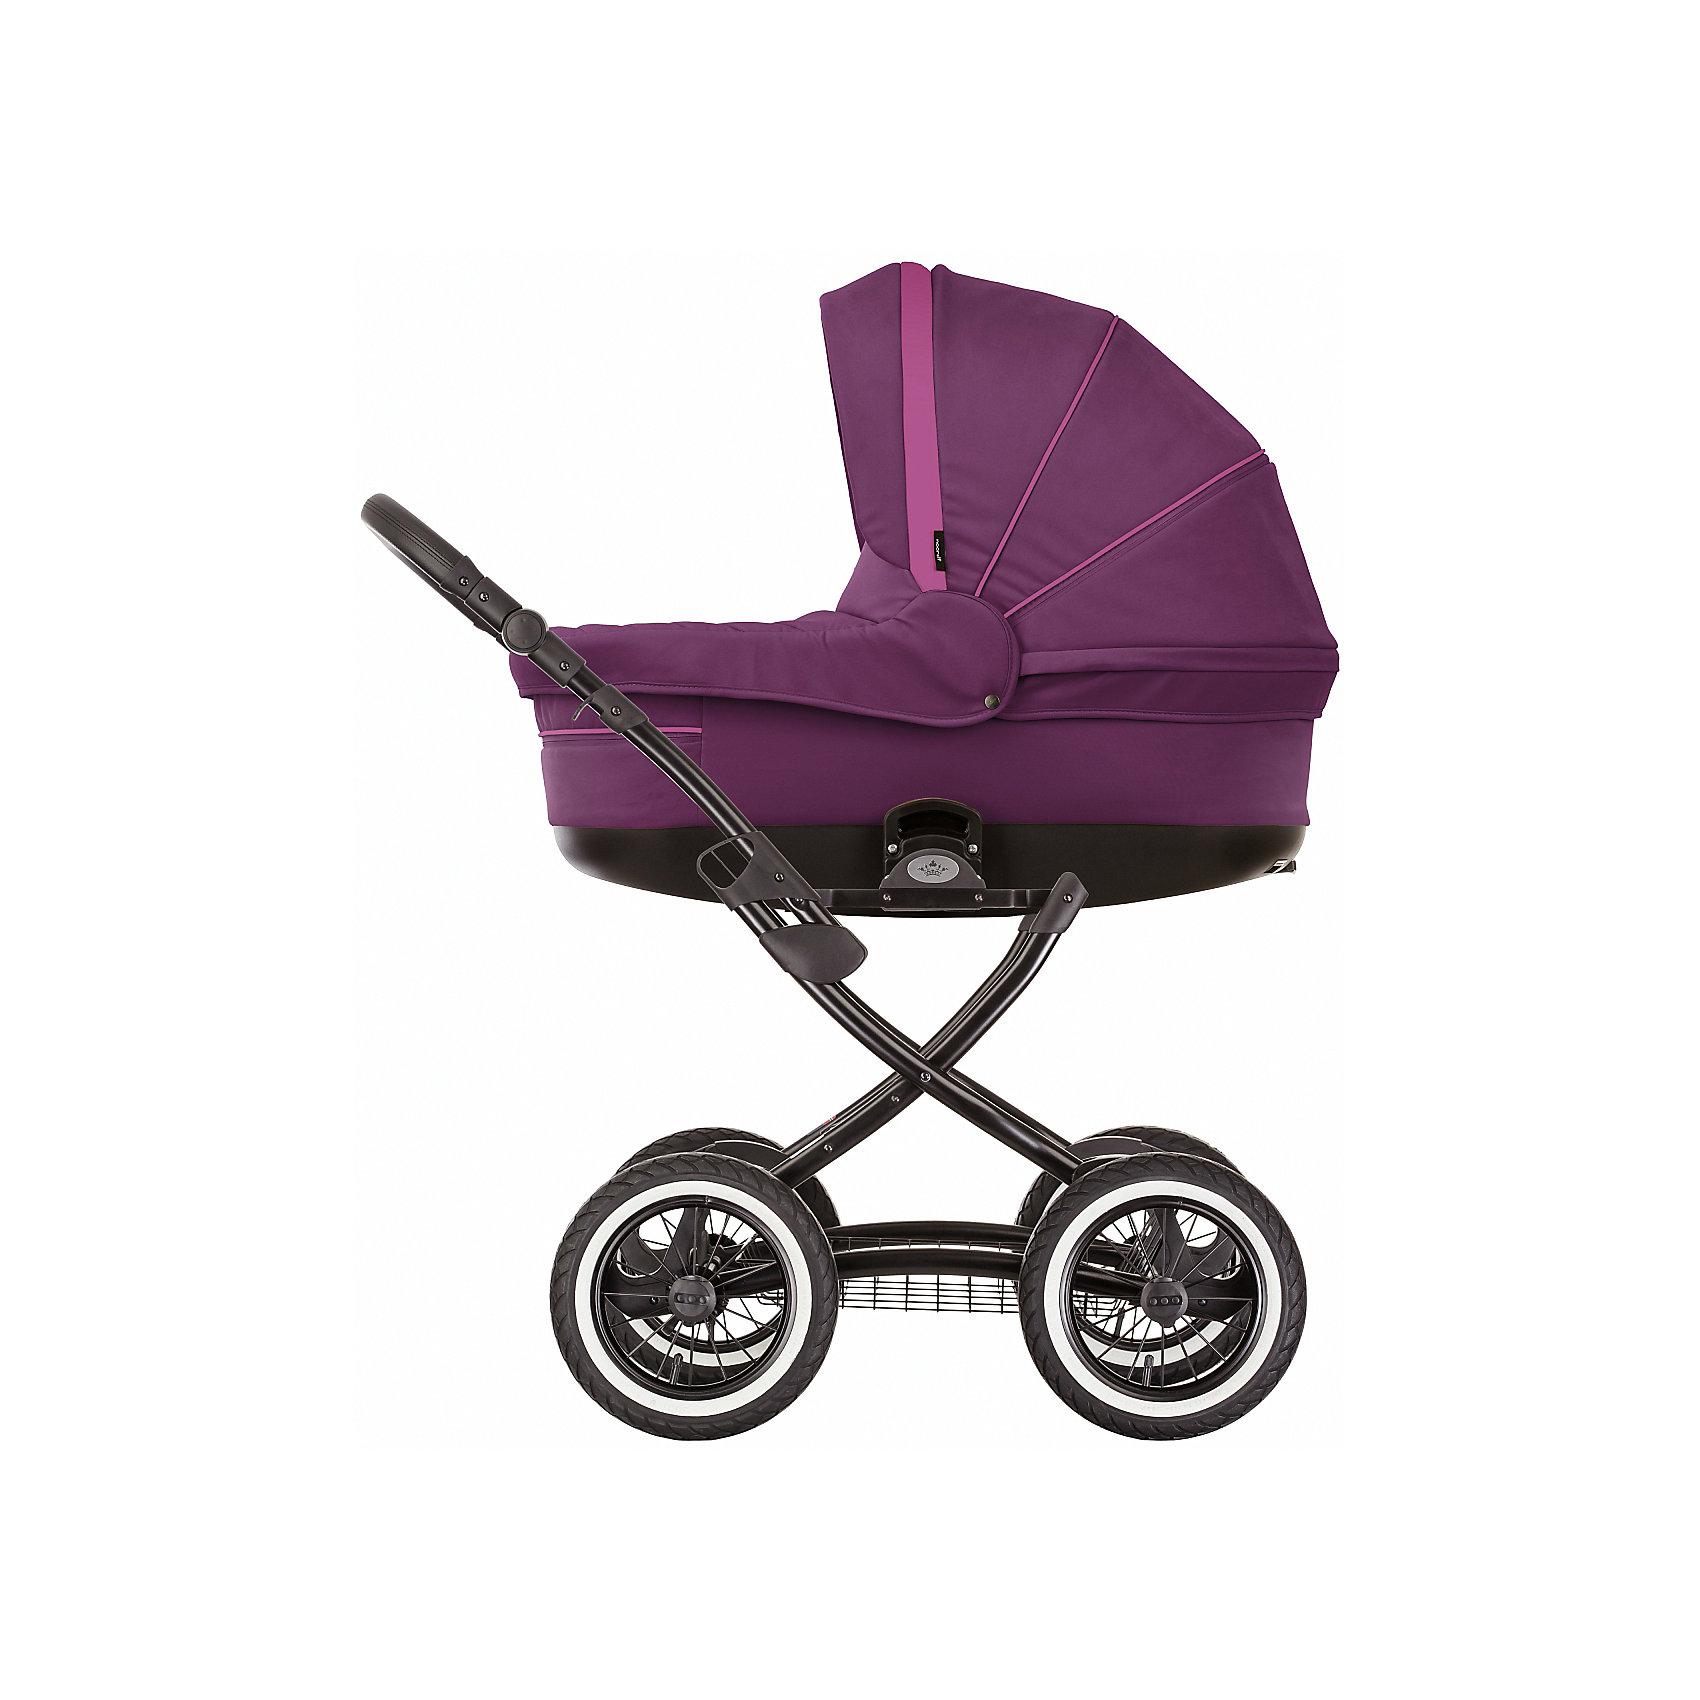 Коляска 2 в 1 Sun Sport, Noordi, вишневыйКоляска 2 в 1 Sun Sport, Noordi, вишневый (Нурди Сан Спорт) ? модель коляски для тех родителей, которые ценят неповторимый стиль и индивидуальность. Эта модель сочетает в себе лучшие качества классических колясок Нурди. Вместительная люлька, увеличенных размеров прогулочный блок, 5-ти точечные ремни безопасности, текстильные детали, выполненные их износоустойчивого текстильного материала ? вот основные характеристики этой коляски.<br>Коляска 2 в 1 Sun Sport, Noordi, вишневый маневренна, мобильна и компактна. С ней легко гулять даже на самые дальние расстояния.<br>Коляска 2 в 1 Sun Sport, Noordi – яркий дизайн, неповторимый стиль, долговечность и надедность в эксплуатации.<br><br>Дополнительная информация:<br><br>- Механизм складывания: книжка<br>- Цвет: вишневый<br>- Сезон: зима-лето<br>- Комплектация: чехол на ножки, сумка для мамы, силиконовый дождевик, антимоскитная сетка, закрепленная на люльке<br>- Ширина шасси: 59 см<br>- Диаметр колес: передние ? 23 см, задние ? 28 см<br>- Ручка: регулируется по высоте<br>- Размер люльки (ДxШ): 85х38<br>- Размер (ДxВхШ): 90х60х60 см<br>- Материал: водоотталкивающий текстиль, устойчивый к выгоранию и износу<br>- Вес 14,0 кг<br><br>Подробнее:<br><br>- Для детей в возрасте: от 0 месяцев до 3 лет<br><br>Страна производитель: Литва<br><br>Коляску 2 в 1 Sun Sport, Noordi, вишневый можно купить в нашем интернет-магазине.<br><br>Ширина мм: 900<br>Глубина мм: 600<br>Высота мм: 600<br>Вес г: 14000<br>Возраст от месяцев: 0<br>Возраст до месяцев: 36<br>Пол: Унисекс<br>Возраст: Детский<br>SKU: 4855085